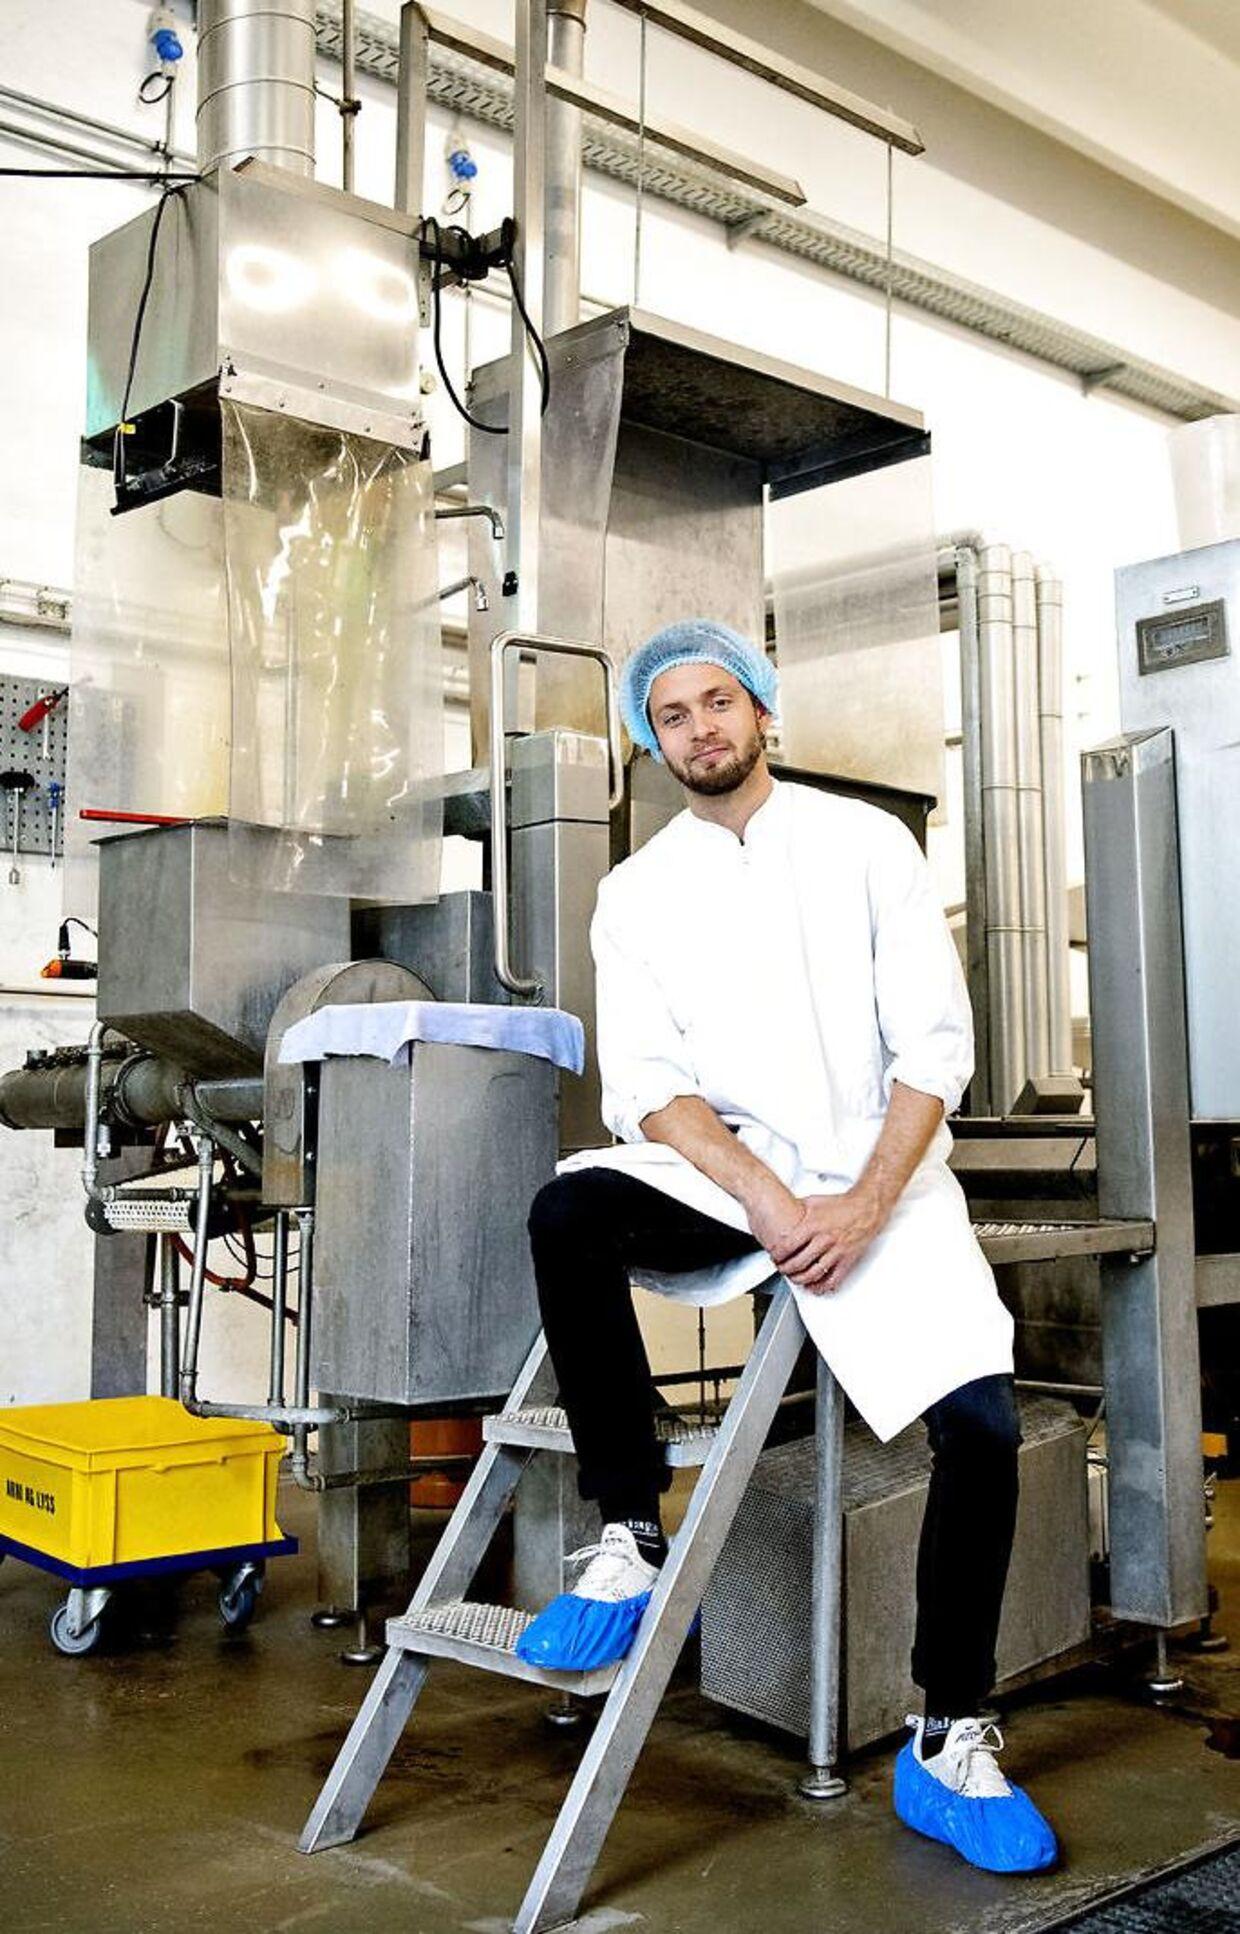 Johan Bülow foran sin første store investeringen, lakridsmaskinen til 1,5 million kroner, som var begyndelsen på det store lakridseventyr. Maskinen bruges fortsat i dag, og den har tjent sig ind rigtig mange gange.